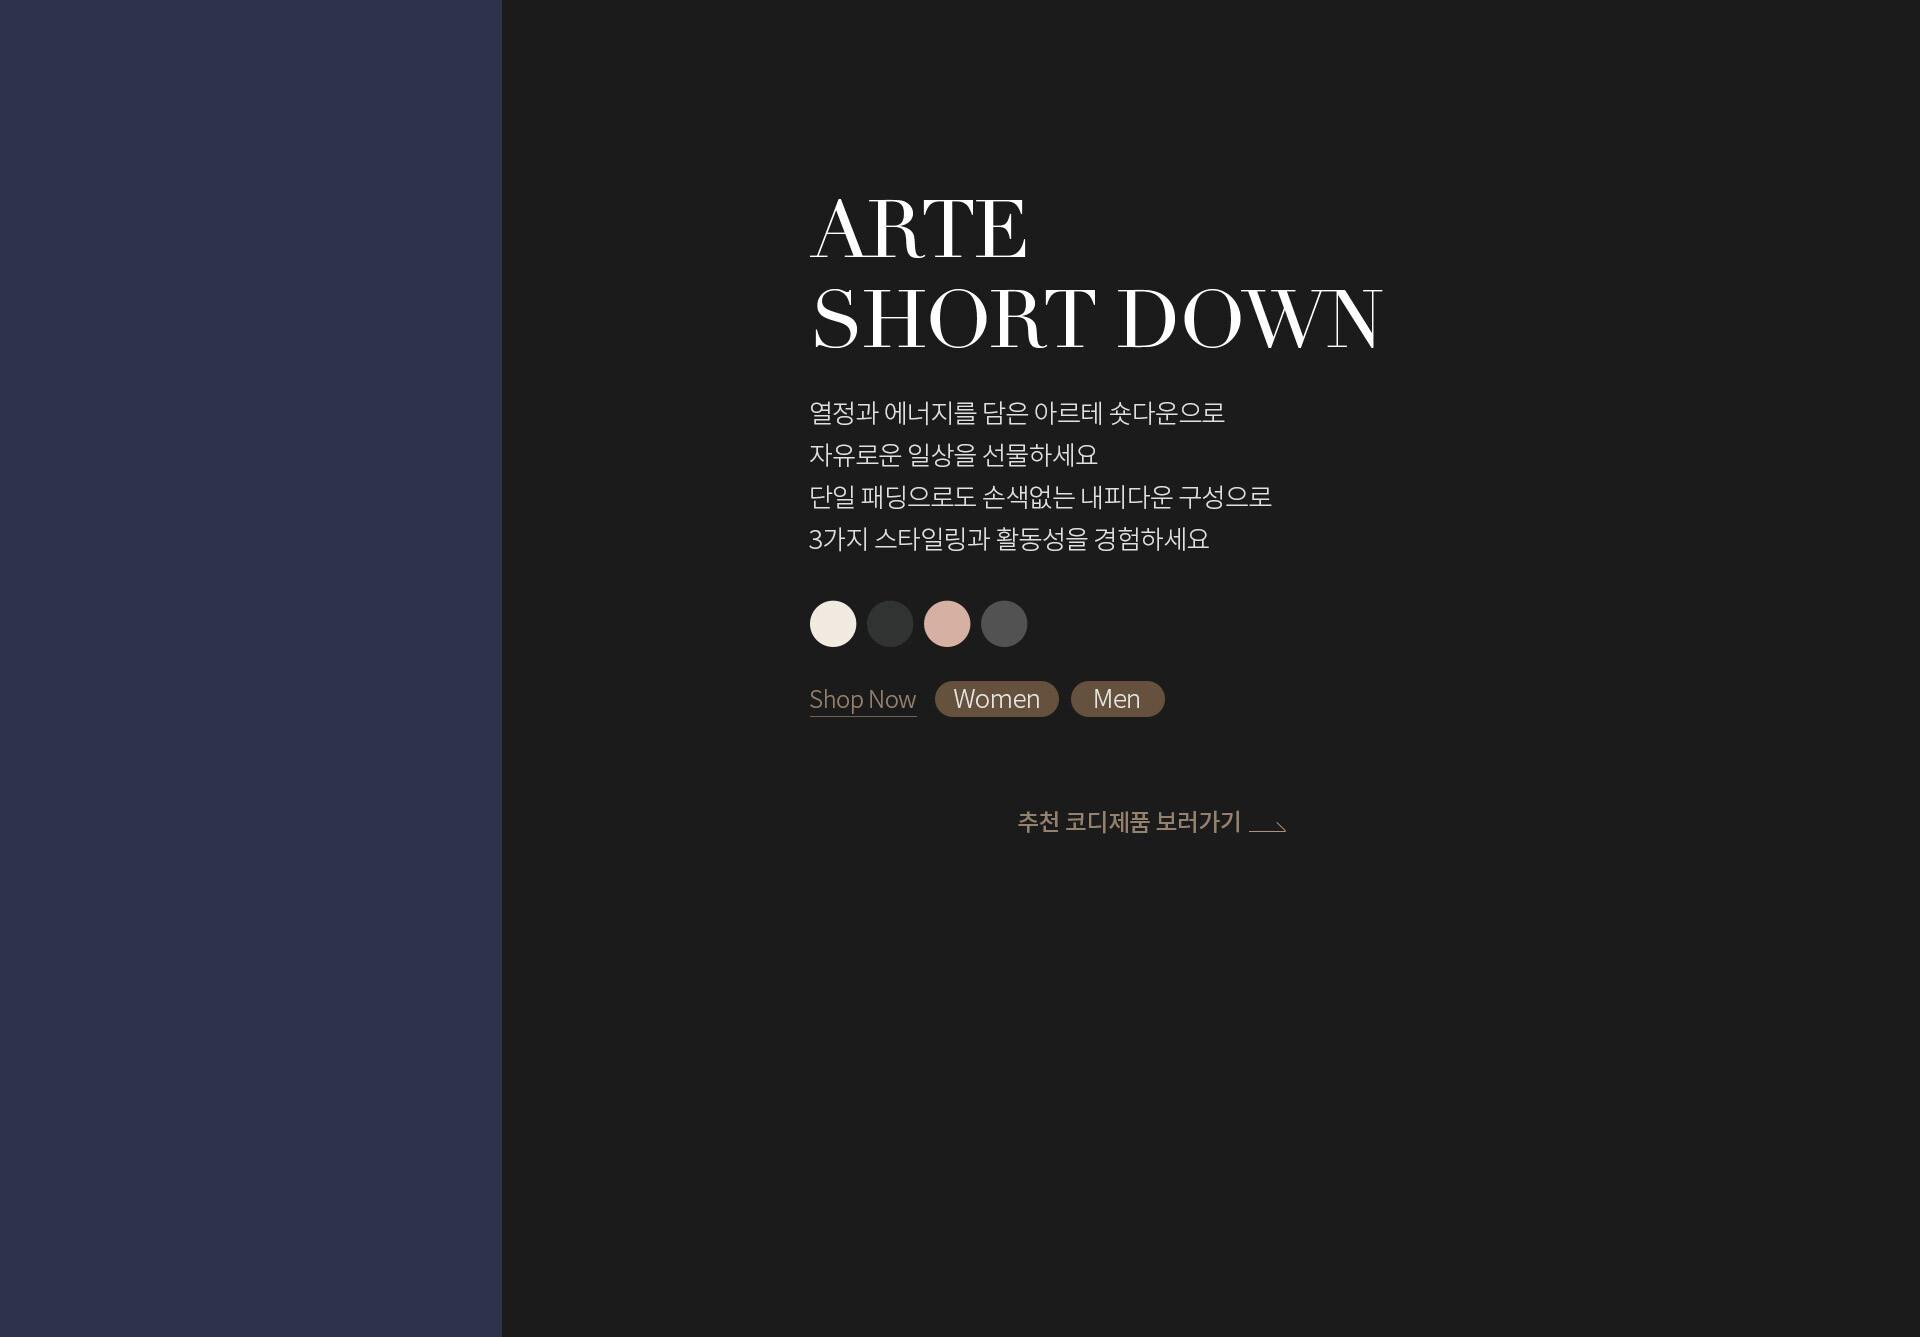 ARTE SHORT DOWN : 열정과 에너지를 담은 아르테 숏다운으로 자유로운 일상을 선물하세요. 단일 패딩으로도 손색없는 내피다운 구성으로 3가지 스타일링과 활동성을 경험하세요